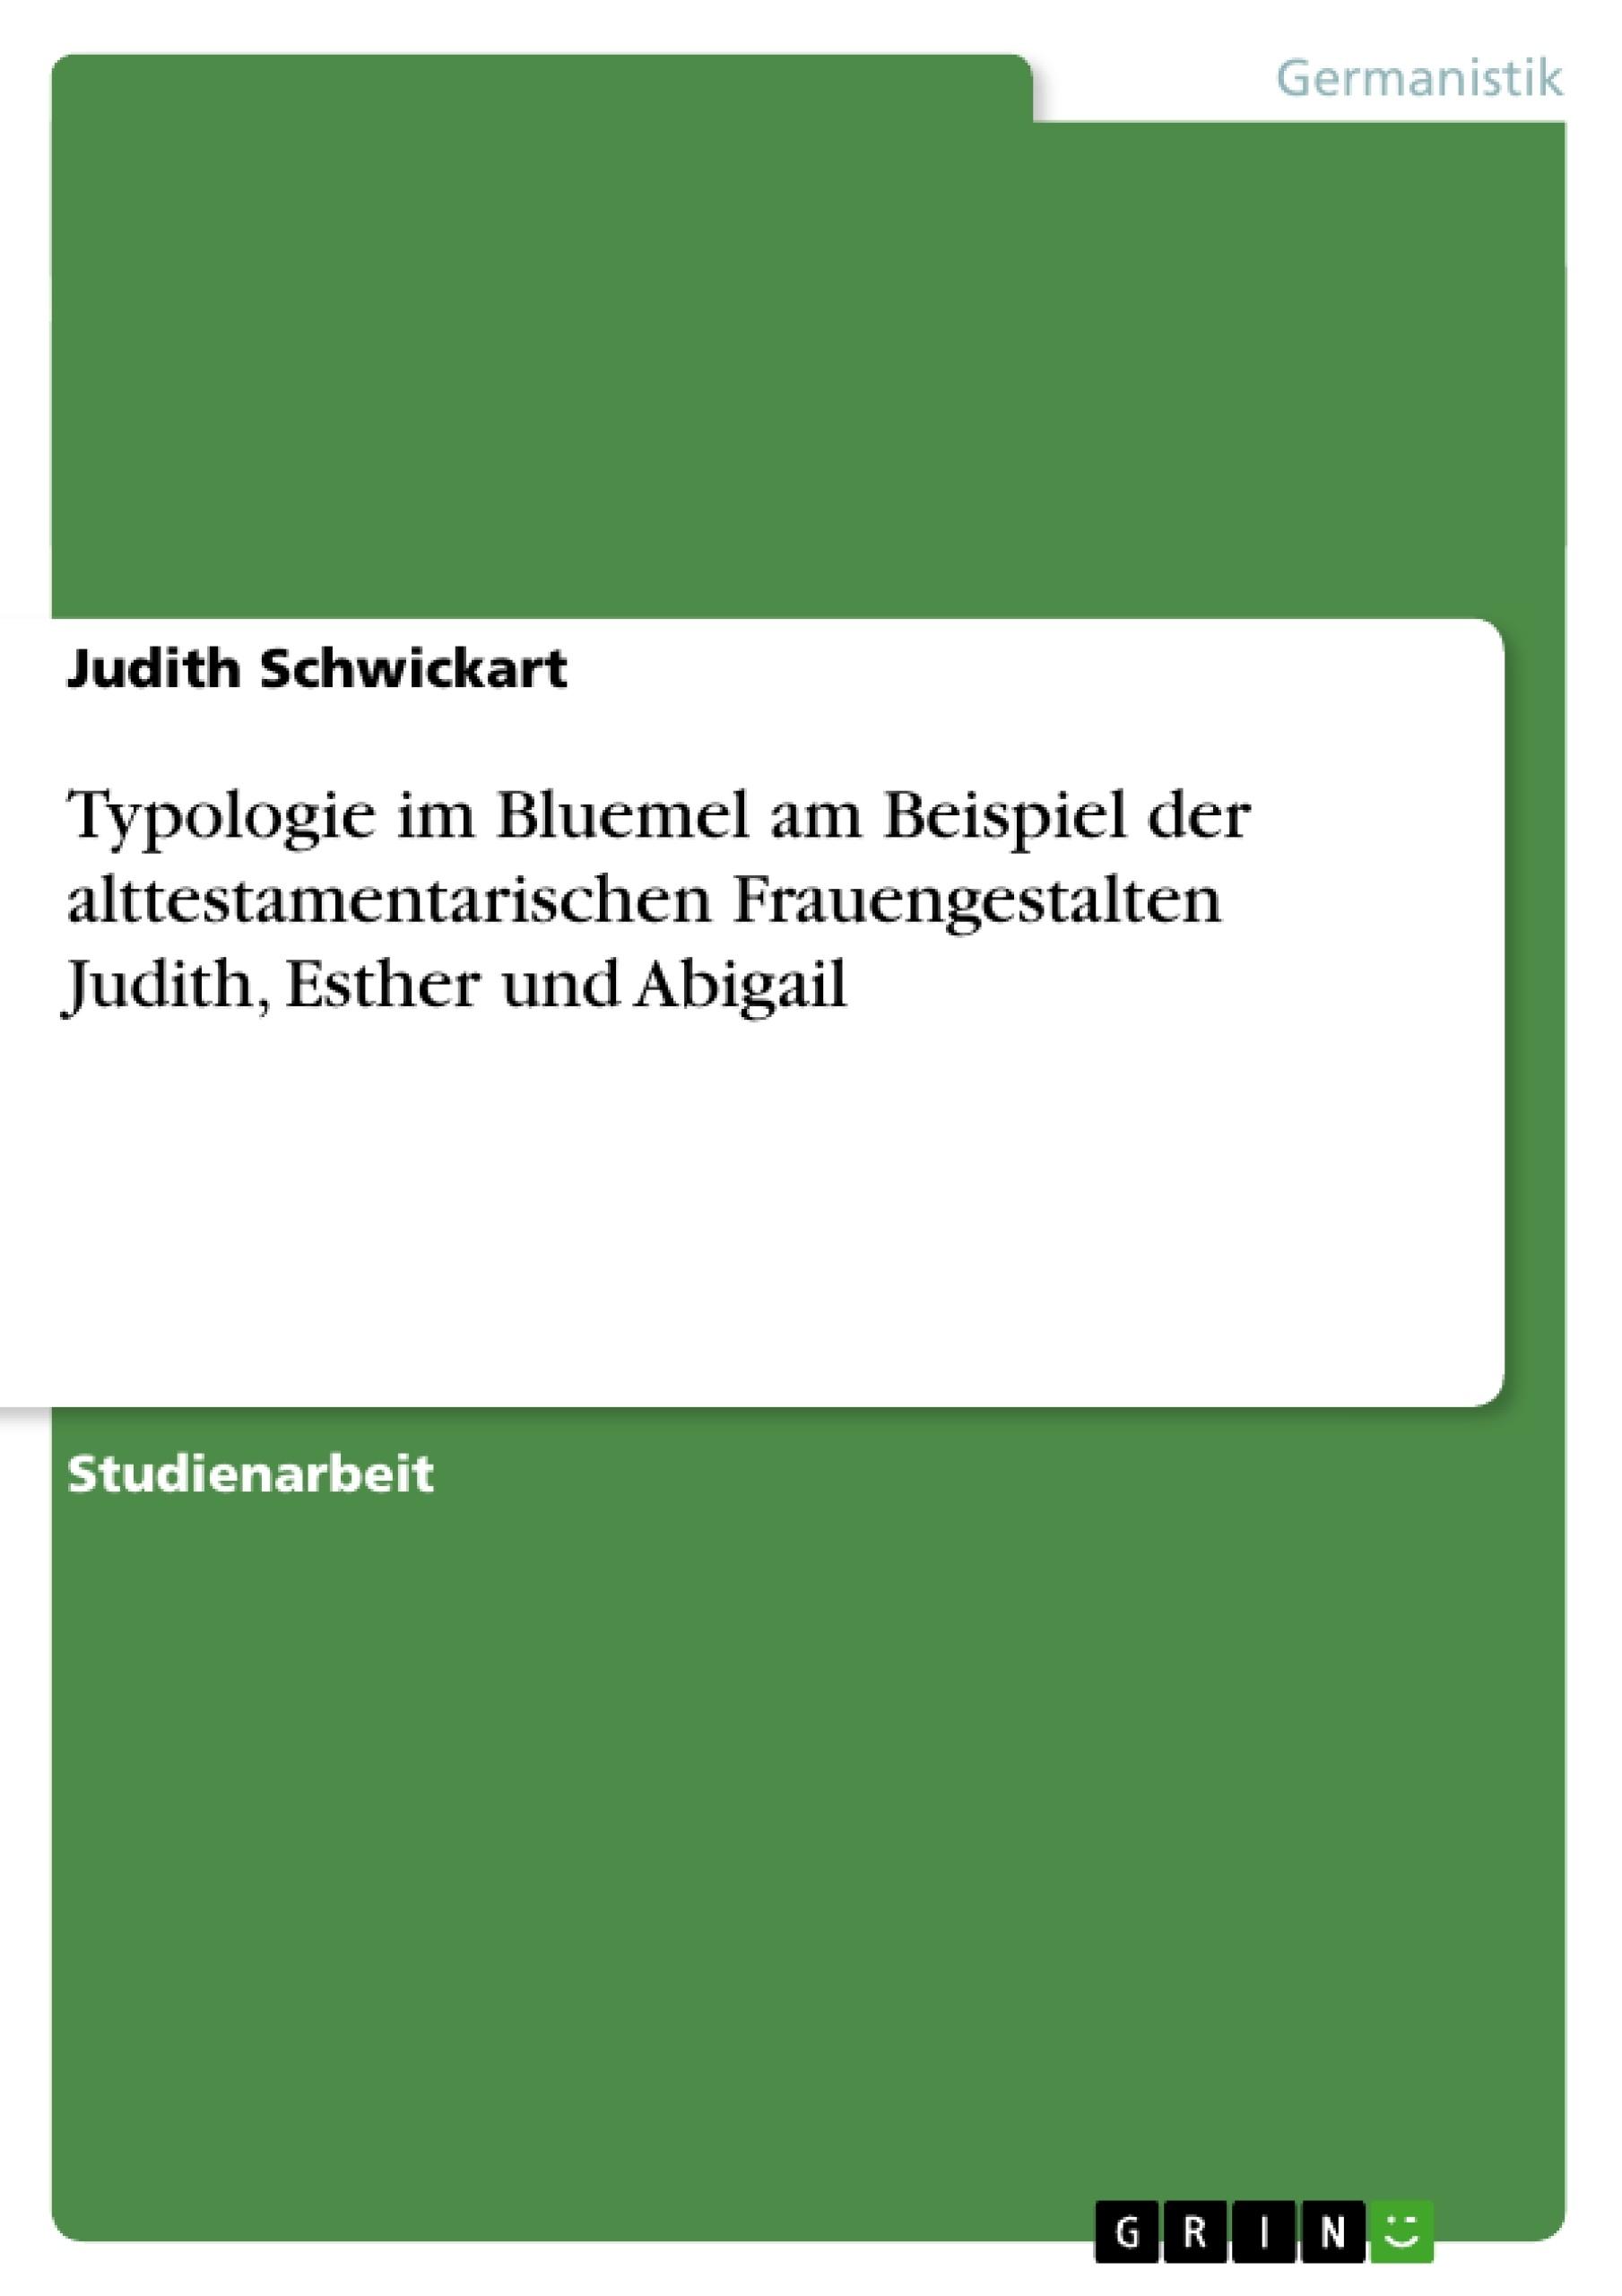 Titel: Typologie im Bluemel am Beispiel der alttestamentarischen Frauengestalten Judith, Esther und Abigail